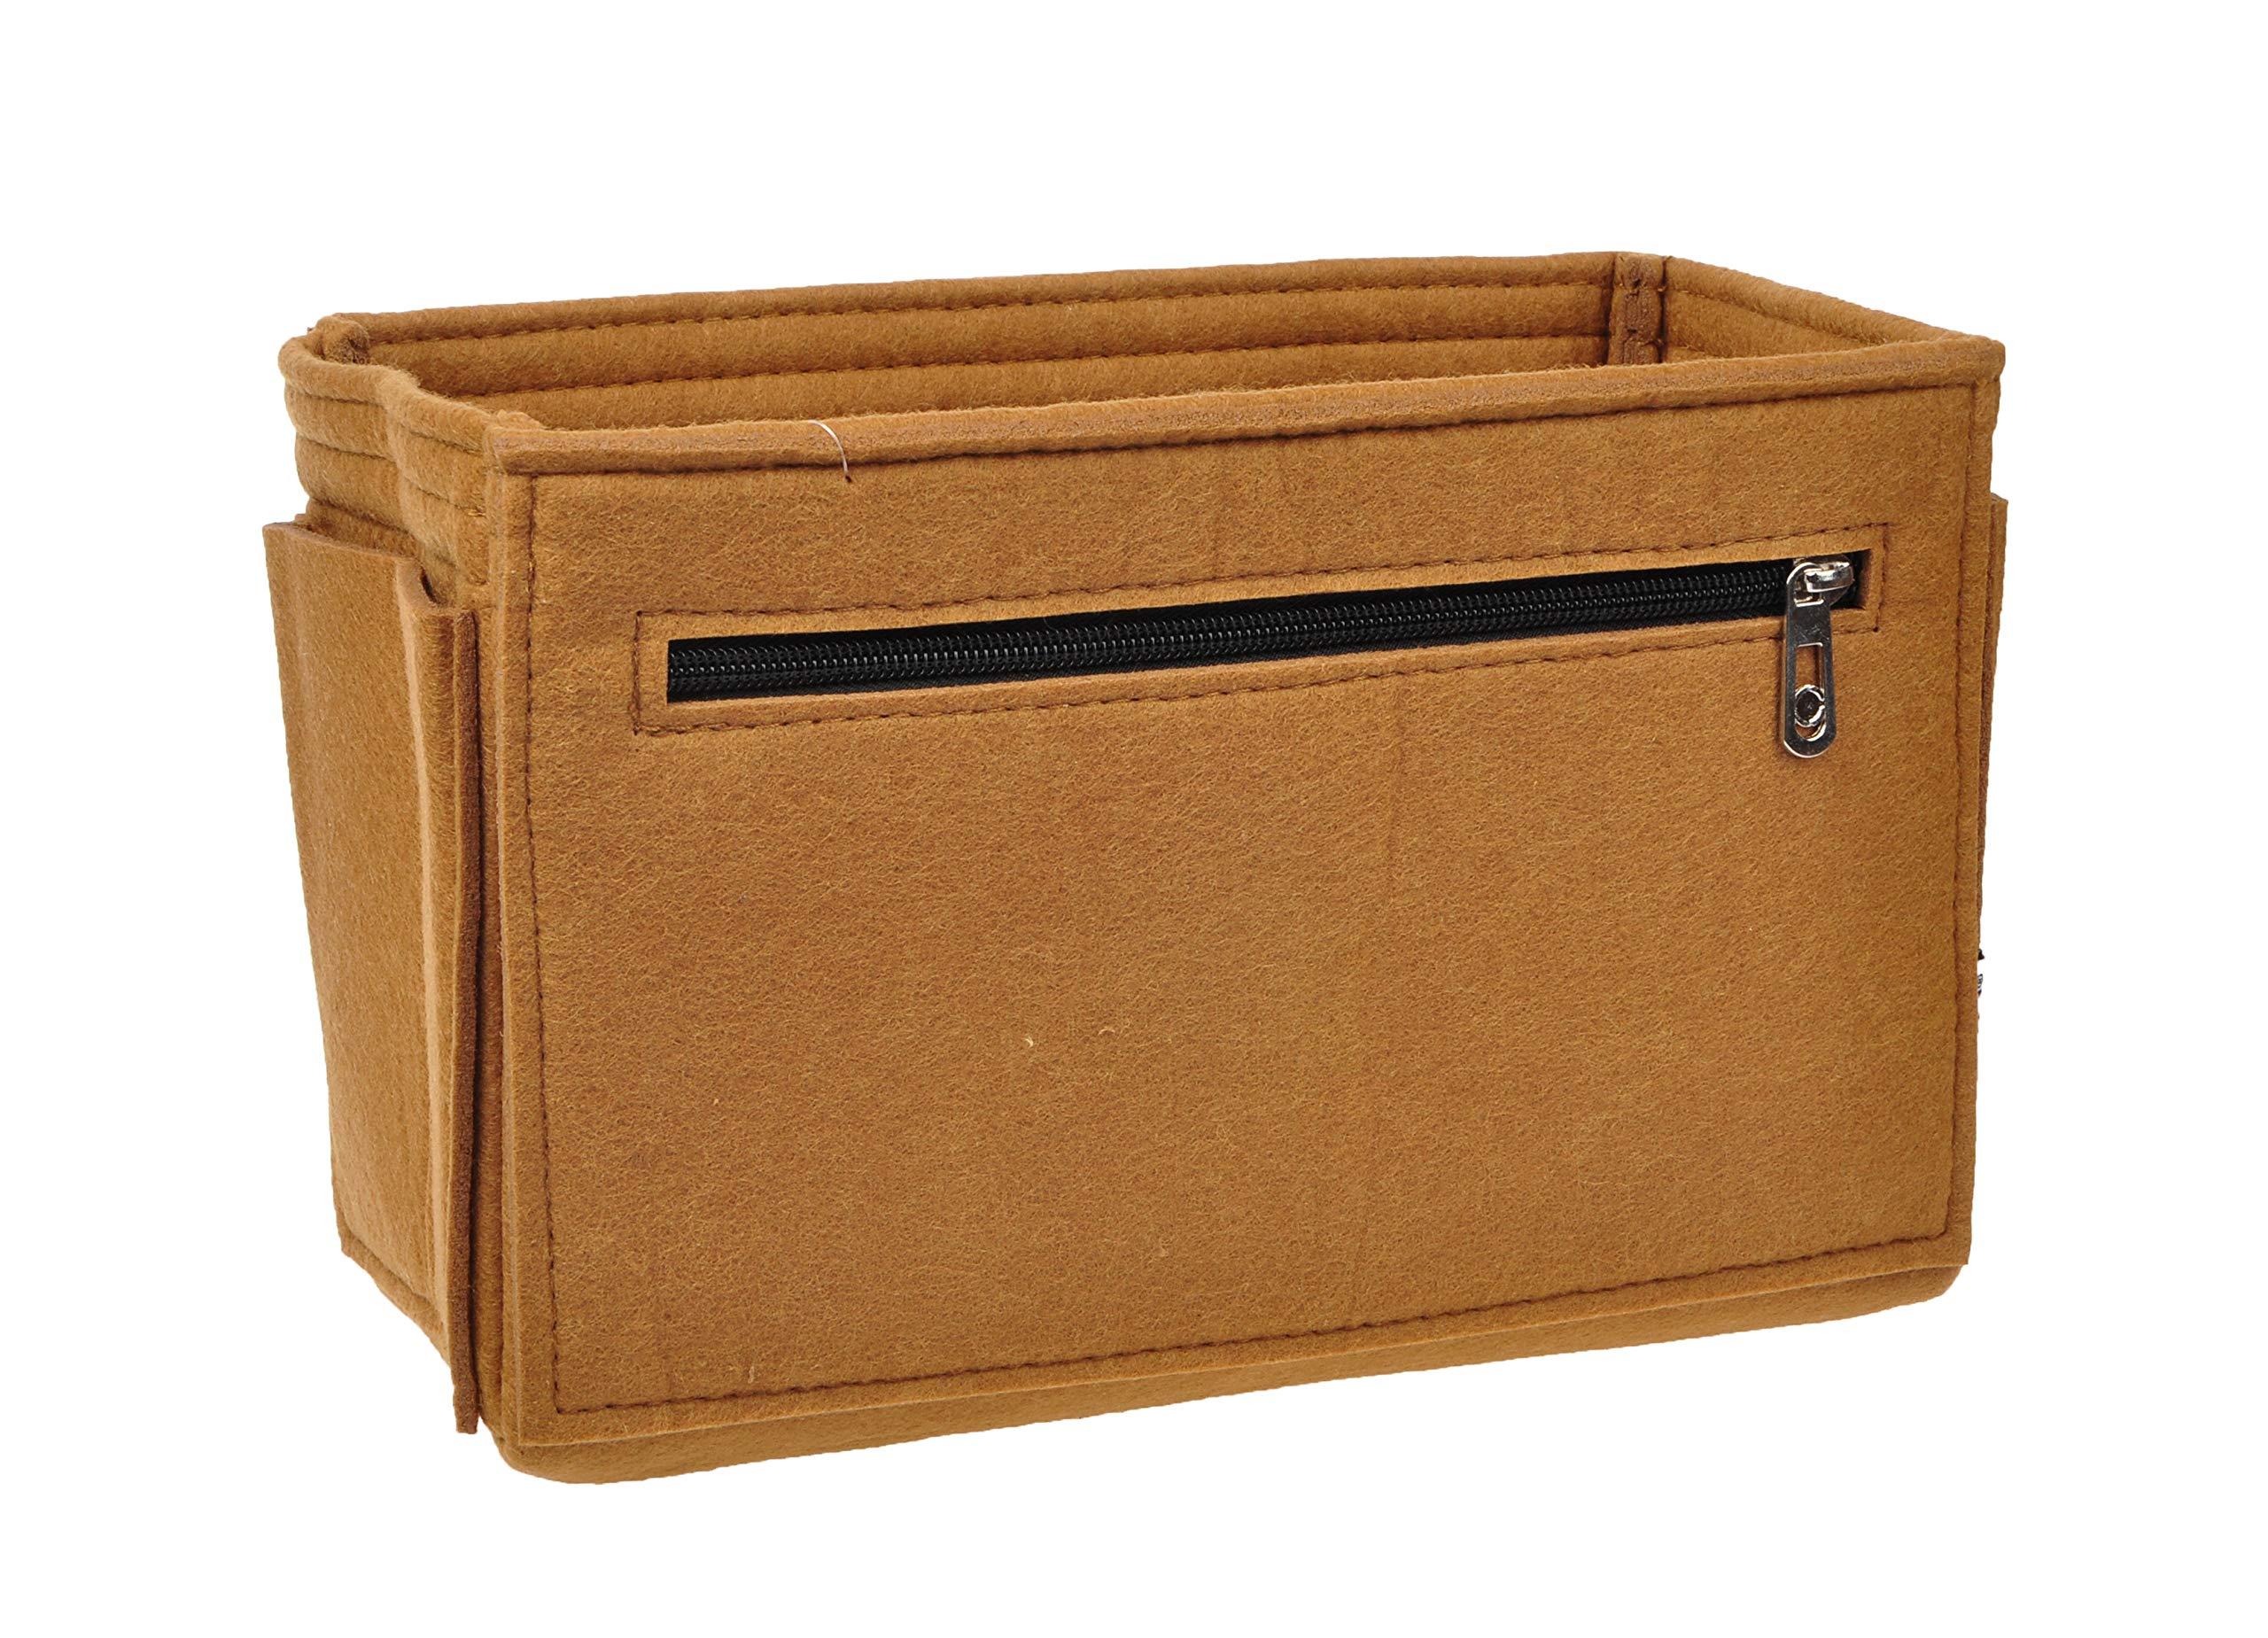 Vercord Felt Purse Handbag Pocketbook Tote Insert Organizer Bag Shaper In Bag Multi-Pockets Brown Medium Zipper